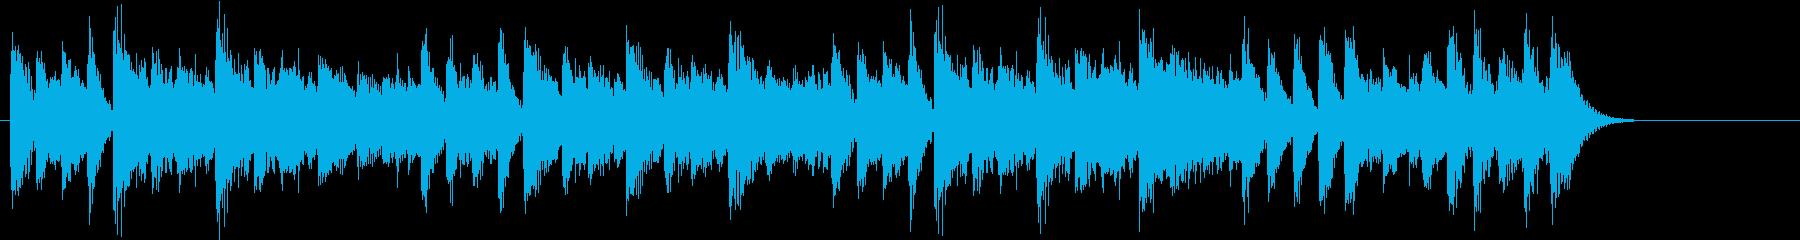 16分音符のリズムが楽しいピアノジングルの再生済みの波形